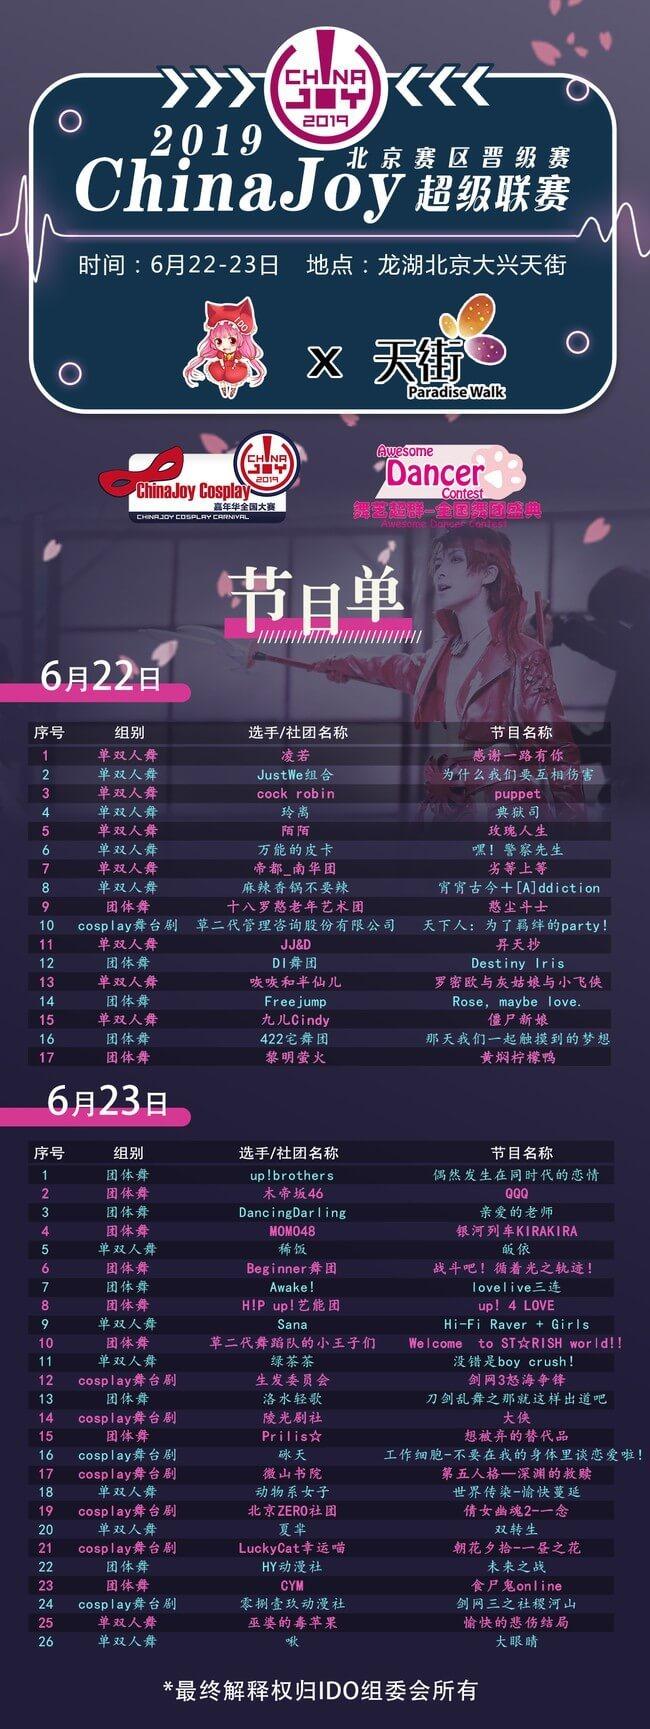 【IDO漫展×CJ】距CJ北京赛区晋级赛还有3天!大家准备好了吗?-C3动漫网